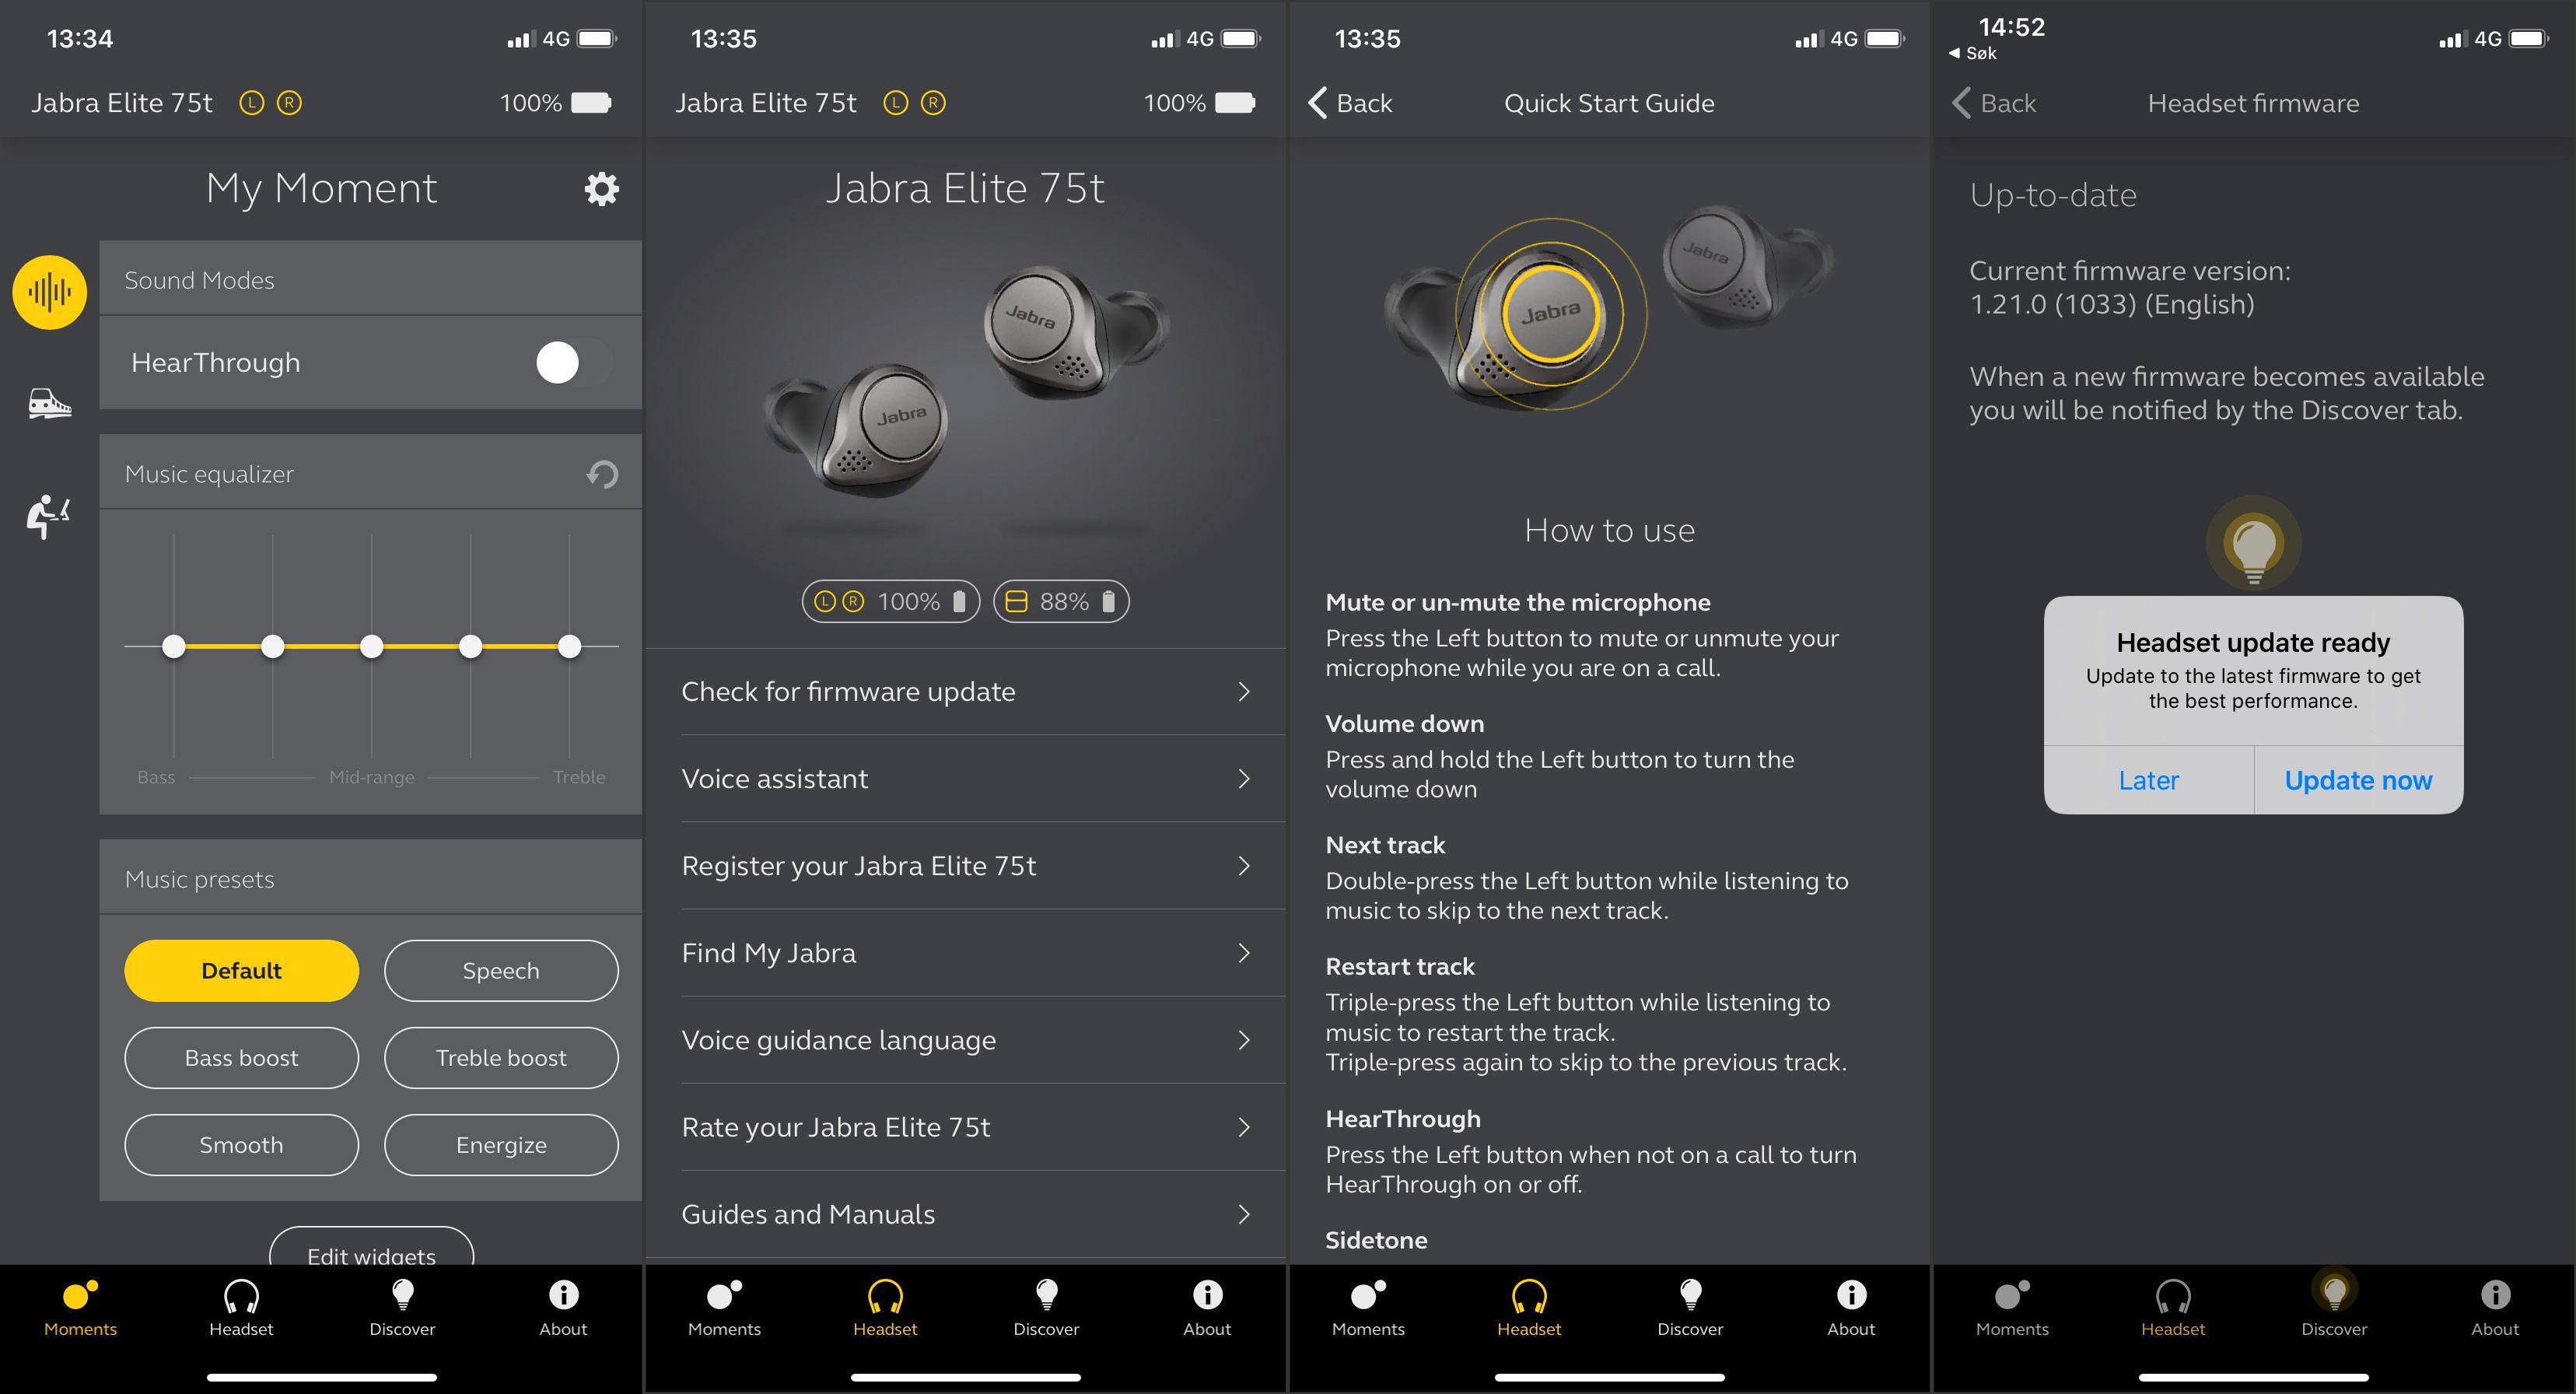 Jabras stort sett gode og funksjonsrike app. Herfra kan du også oppdatere fastvaren, som gjennomføres ved å sette pluggene i etuiet, lukke lokket og vente til lysdioden bak slutter å blinke.